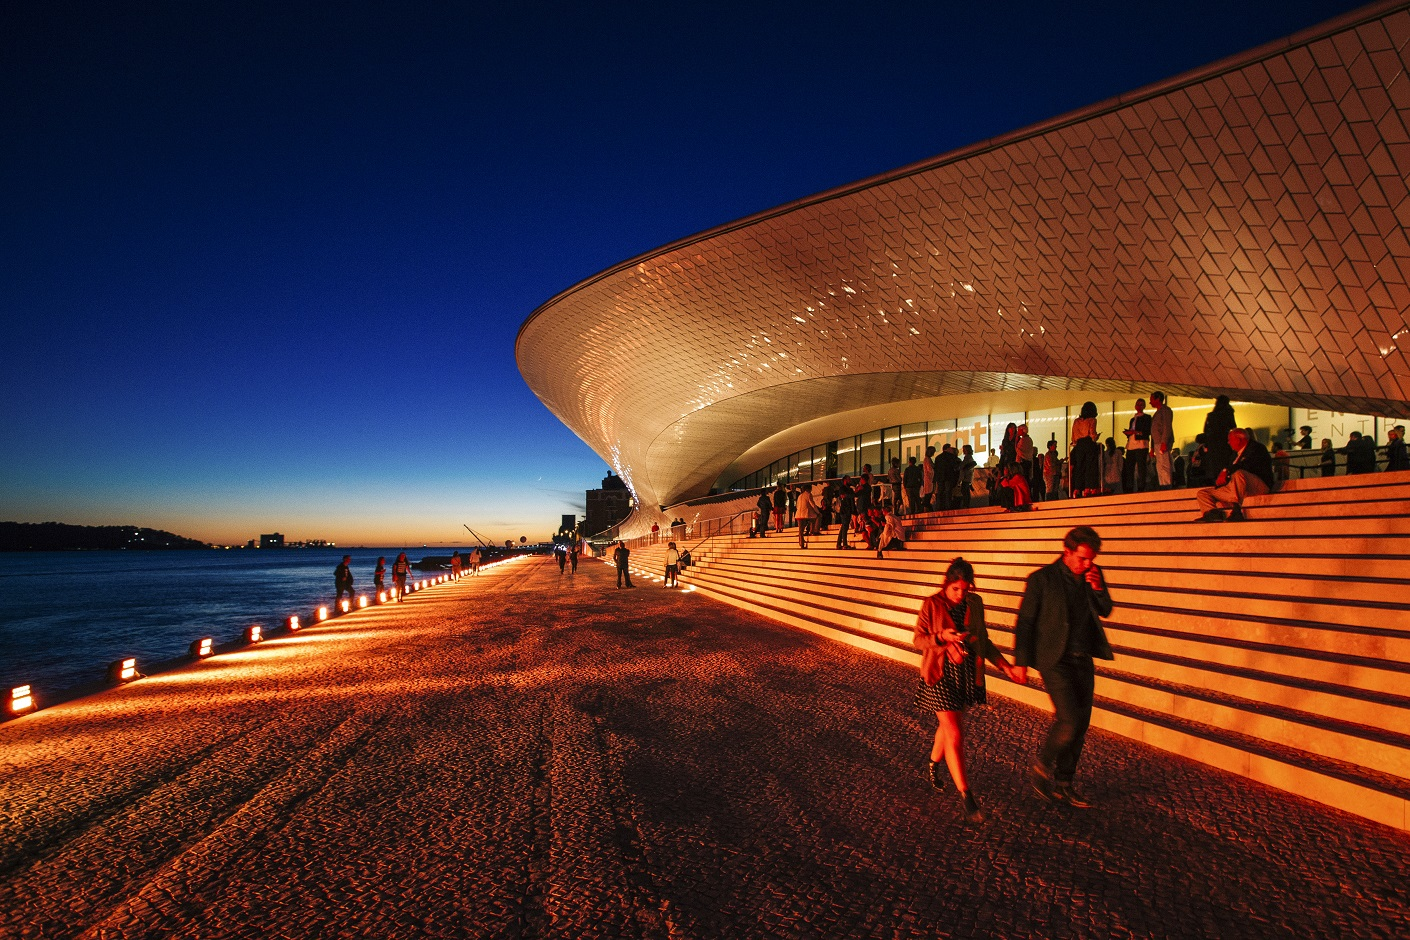 Em seu primeiro ano, o Maat recebeu mais de meio milhão de visitantes e abrigou 23 exposições de 432 artistas. Foto Paulo Coelho/EDP Foundation